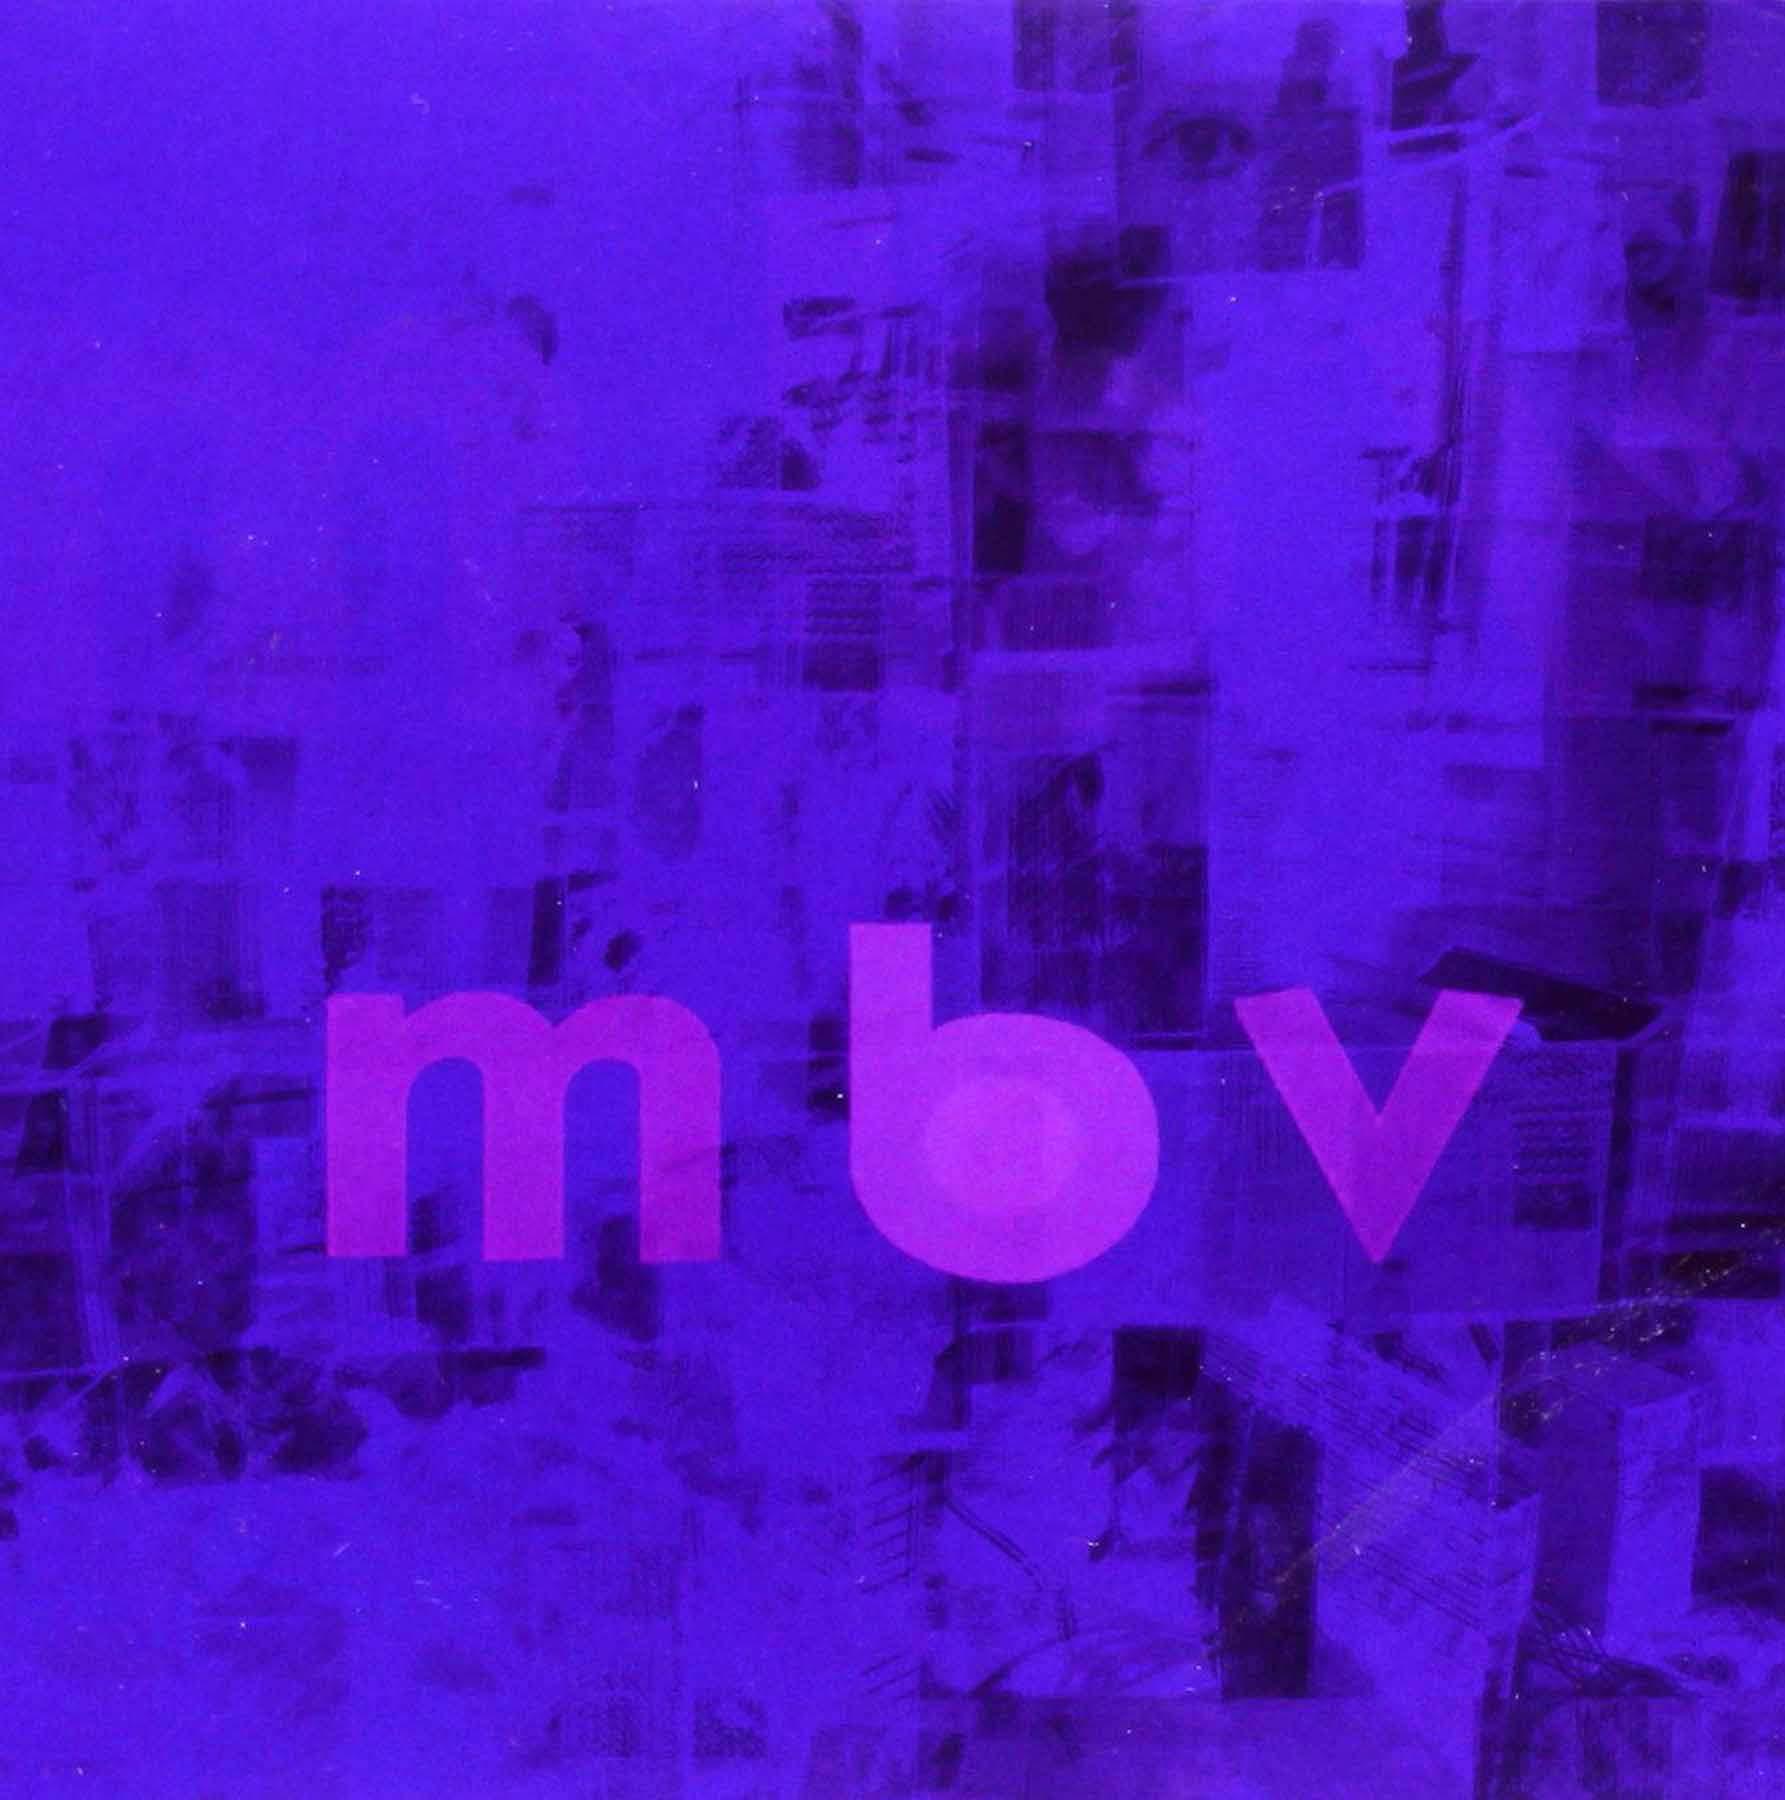 MbvMy Bloody Valentine CR: My Bloody Valentine